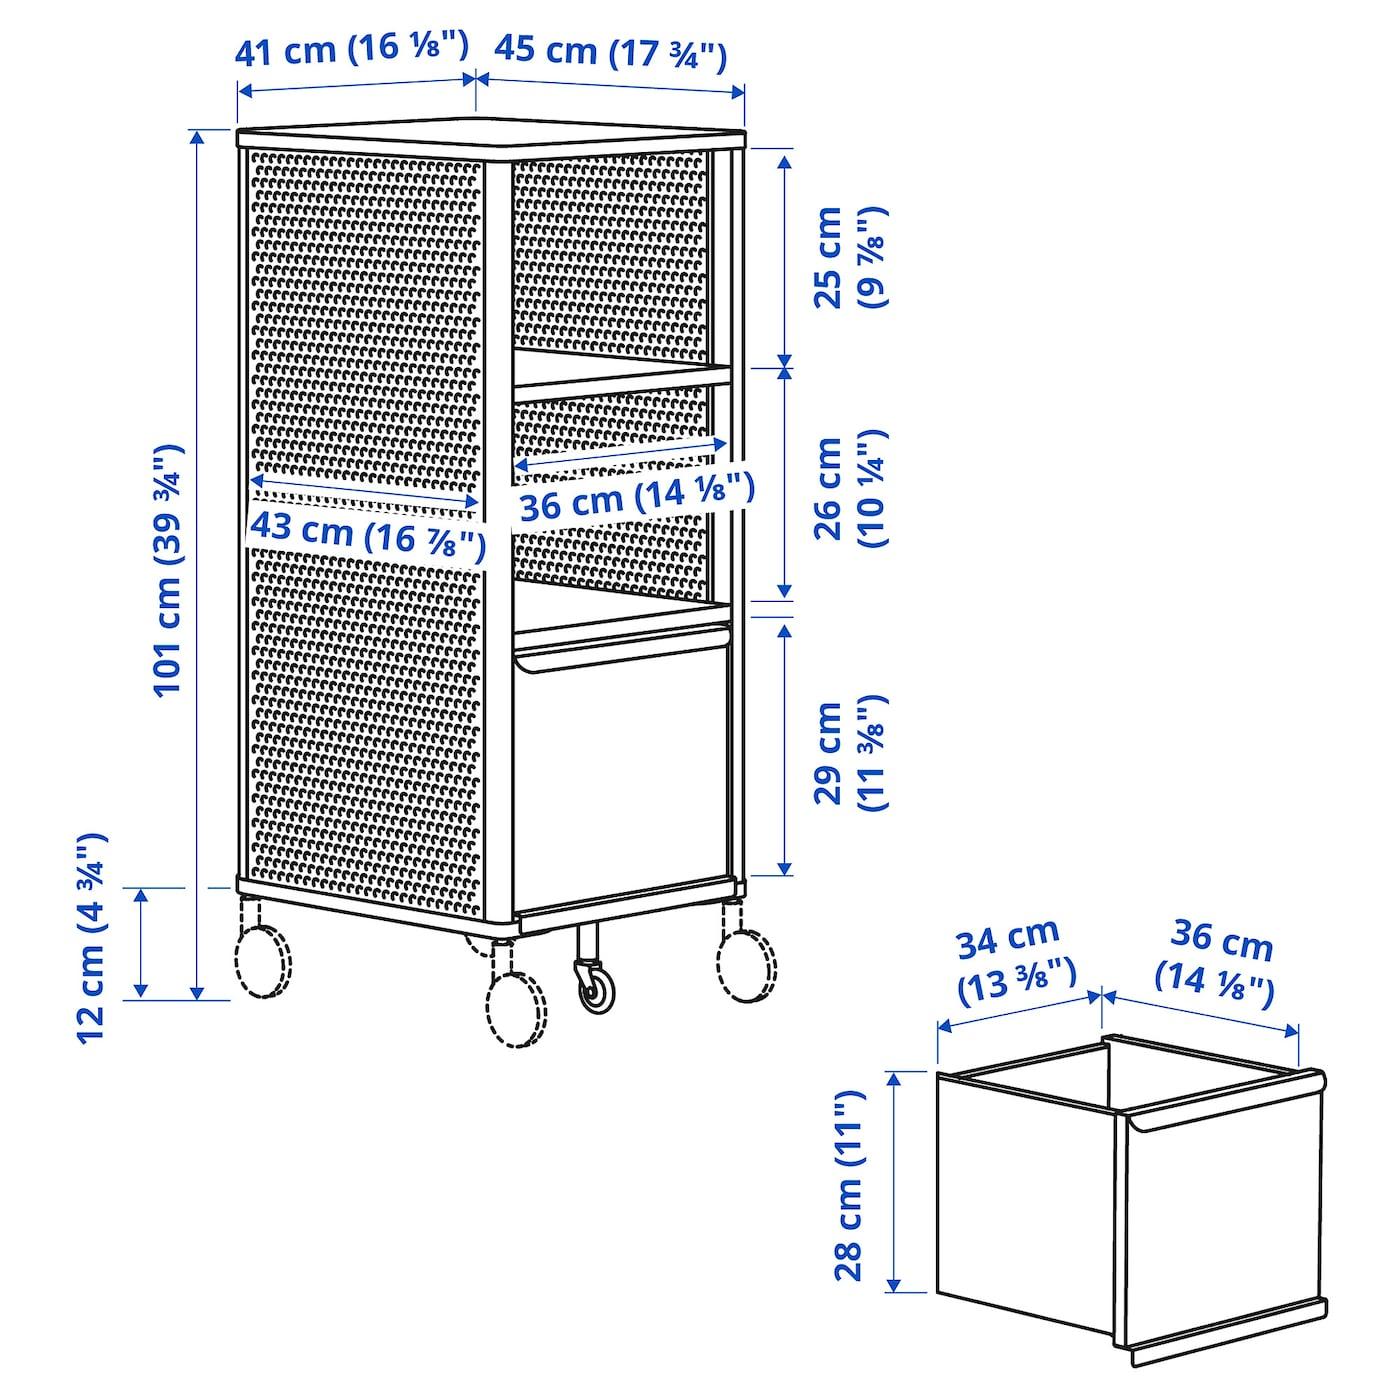 Storage unit with smart lock, 41x101 cm